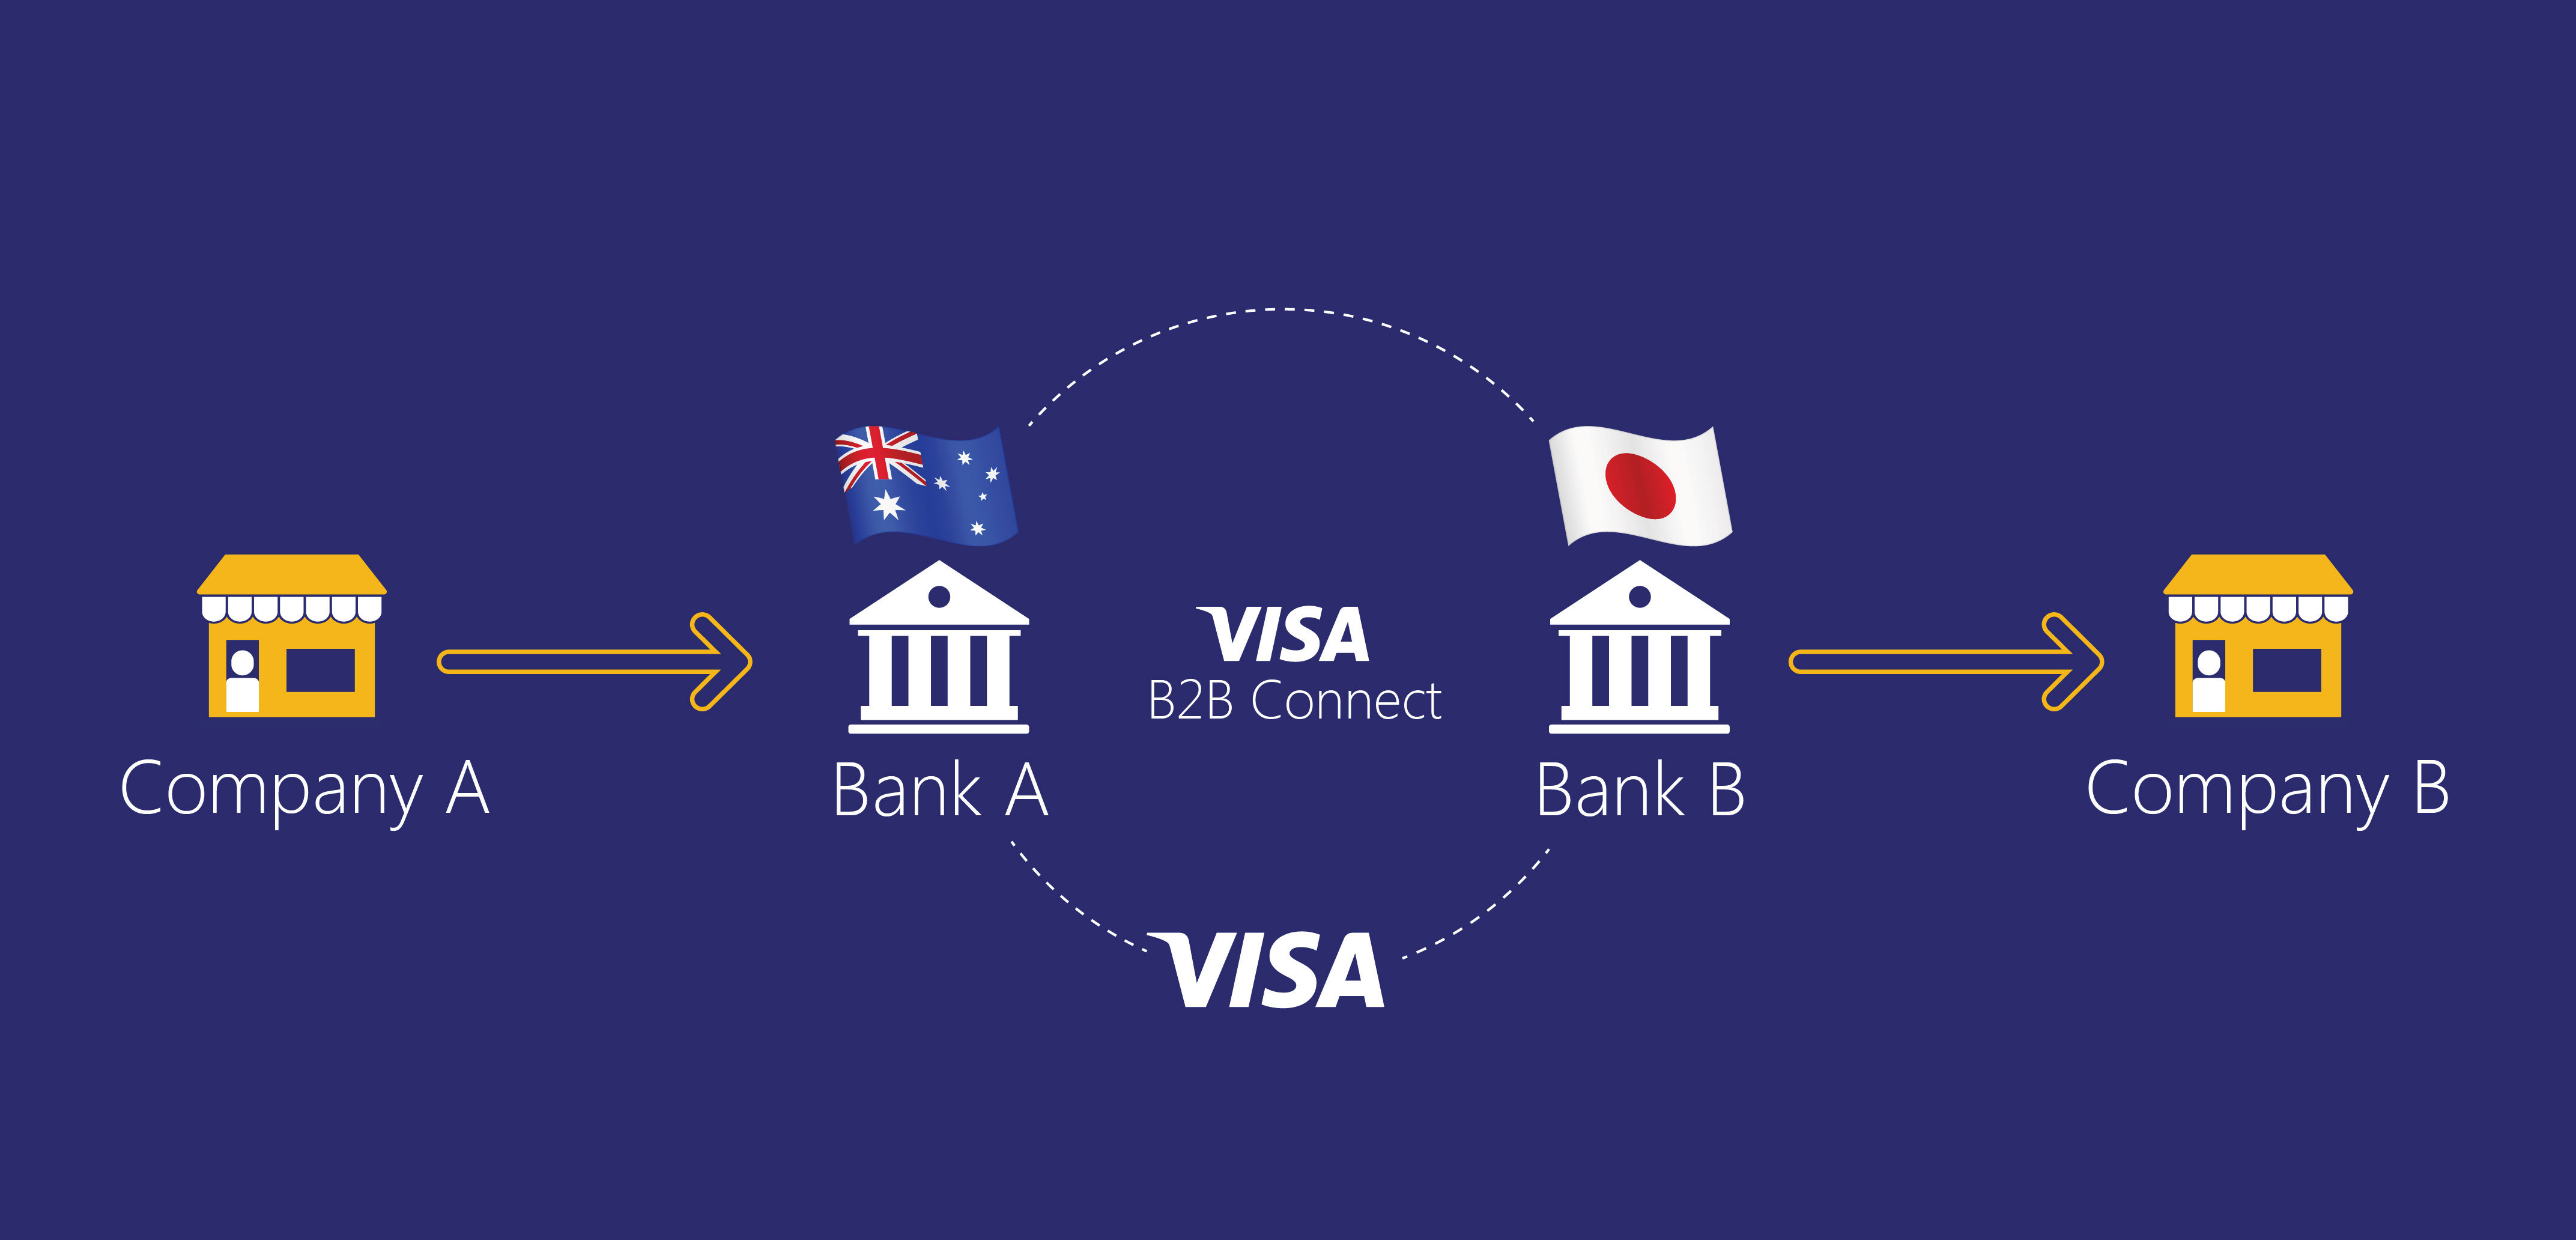 Resultado de imagen para Visa b2b connect